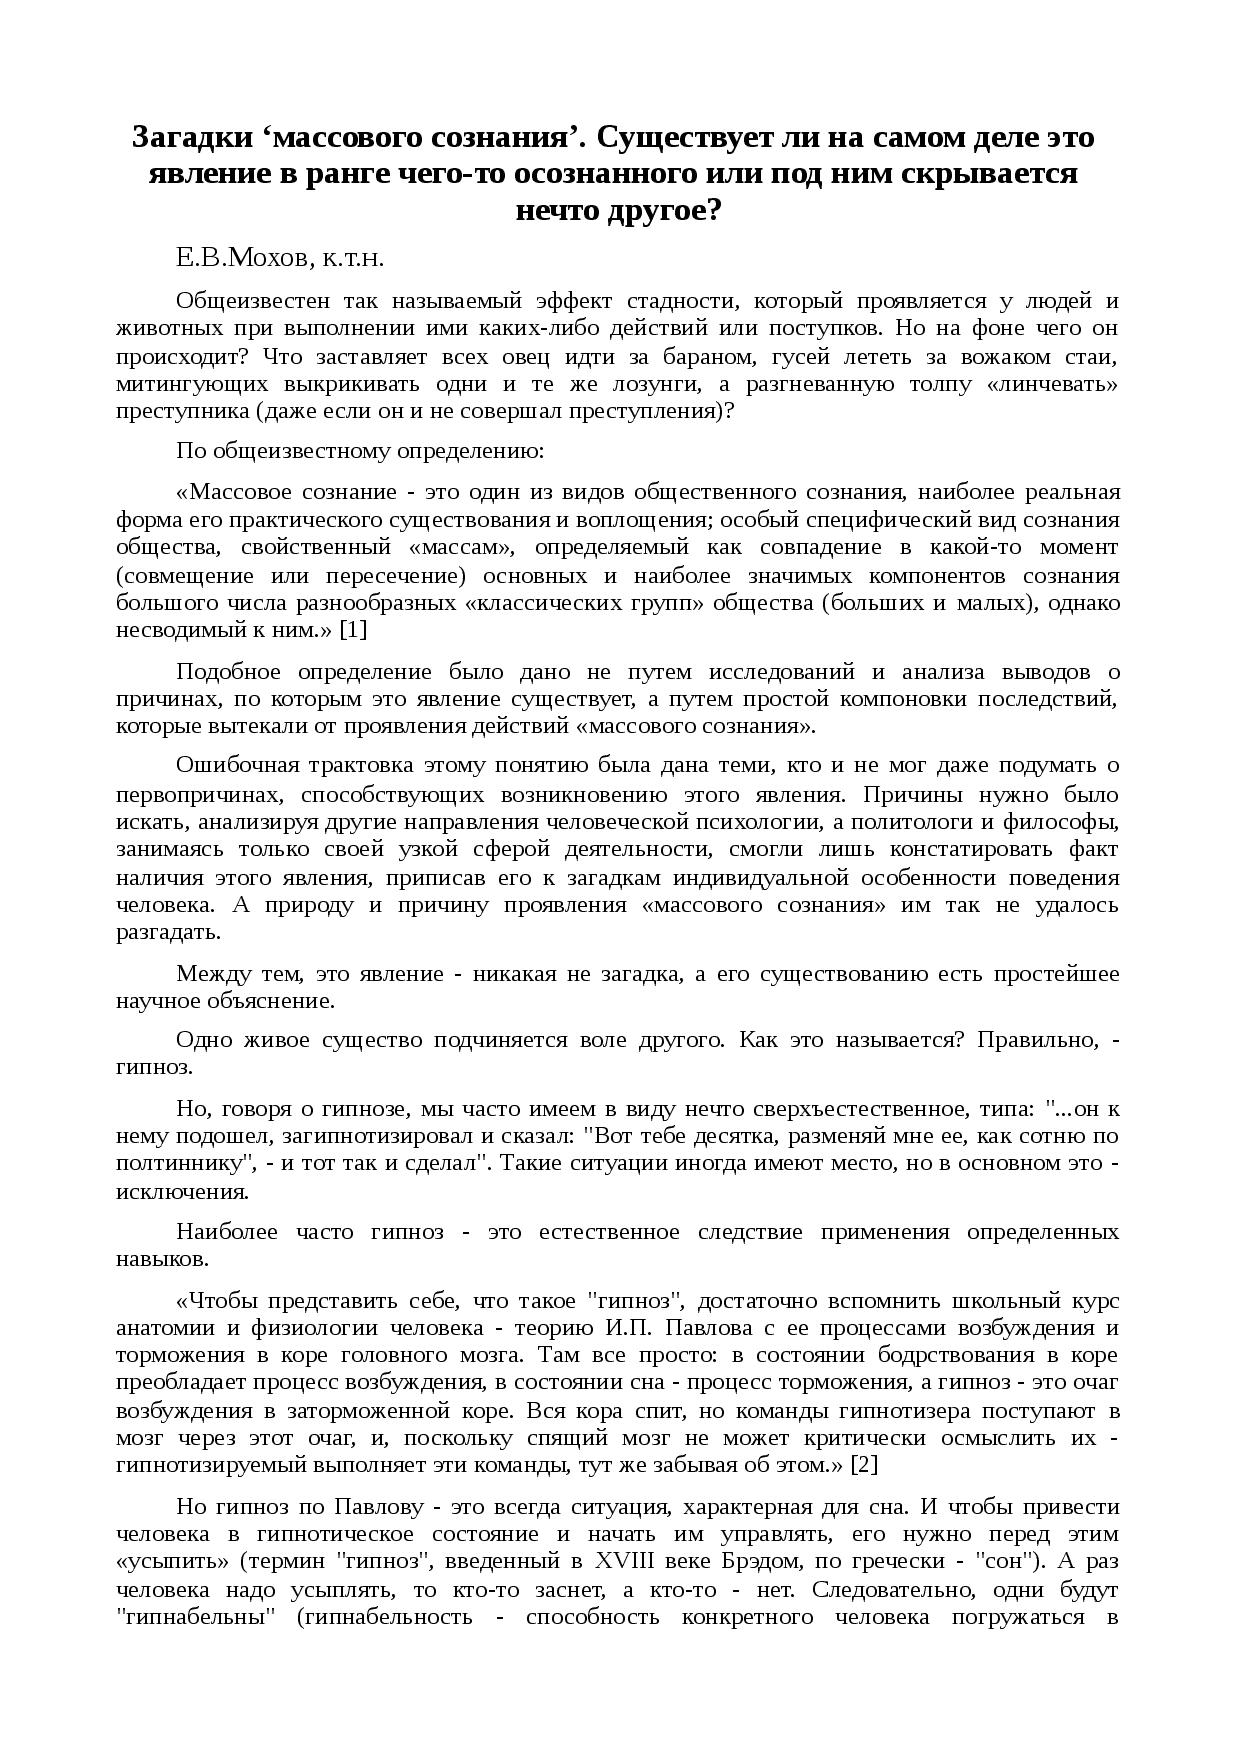 Транс: что такое, состояние, значение слова